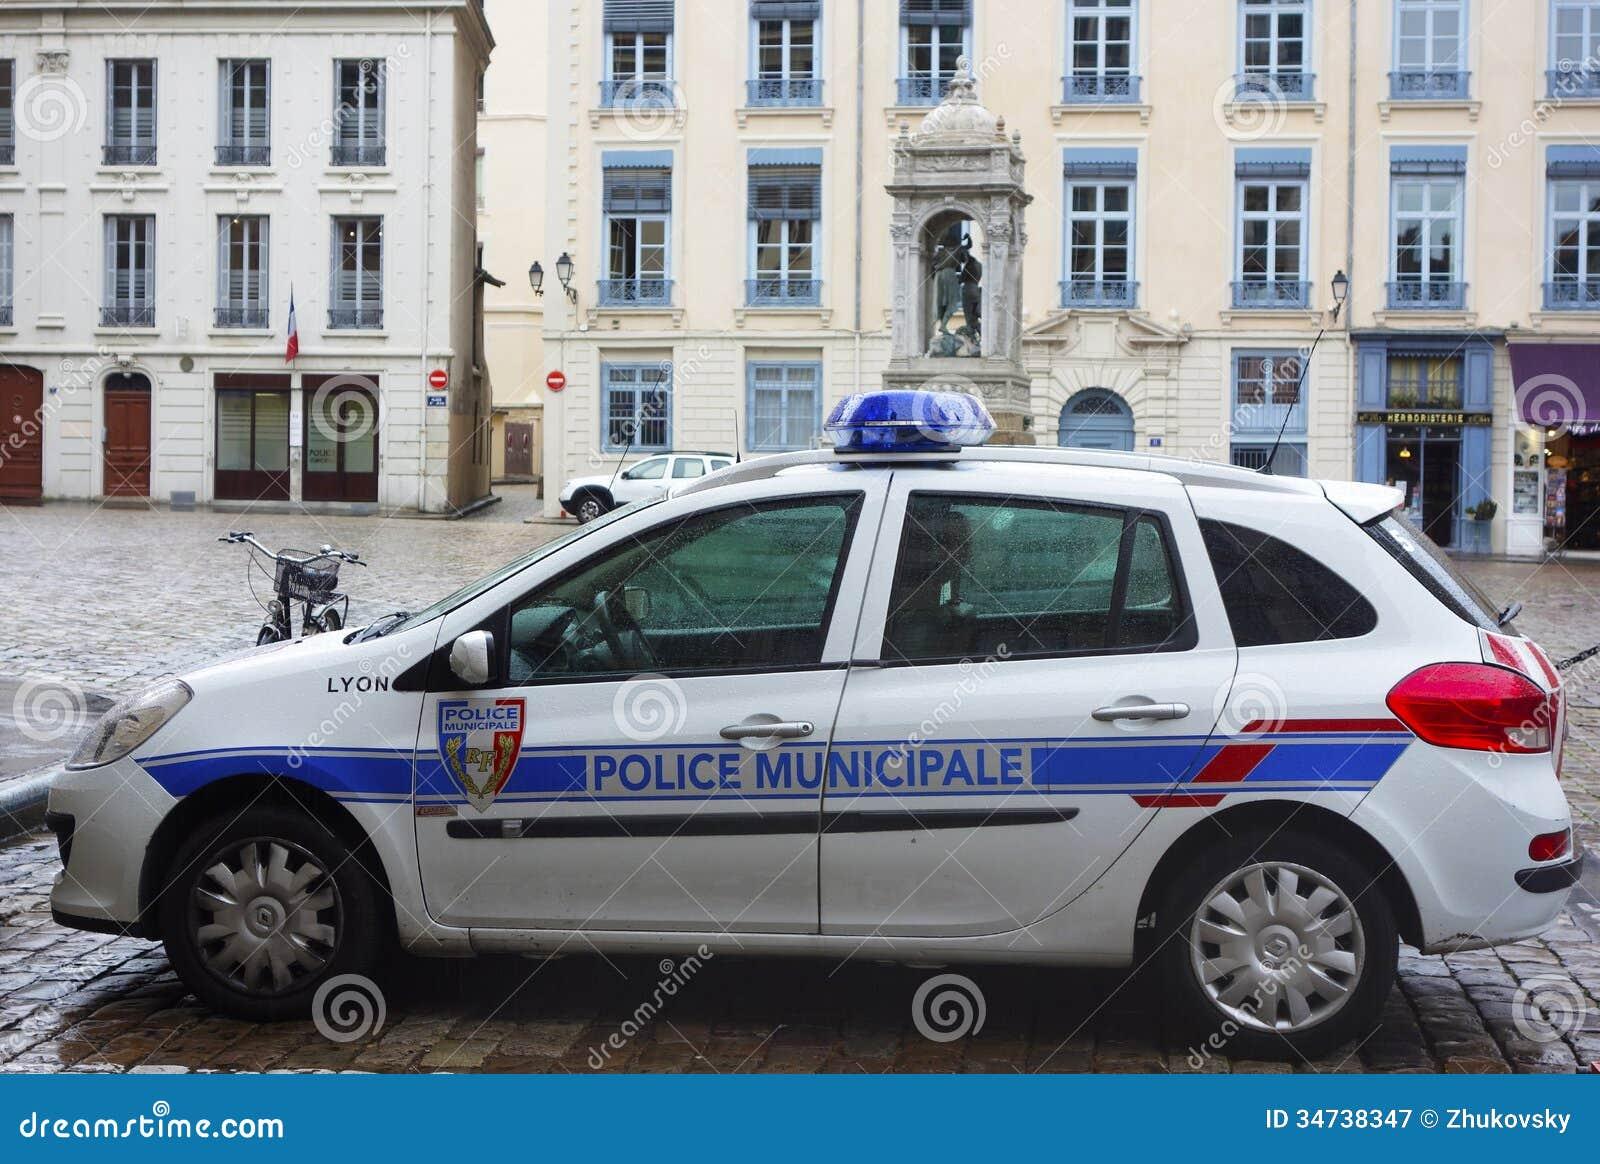 france police car cartoon vector 92064451. Black Bedroom Furniture Sets. Home Design Ideas